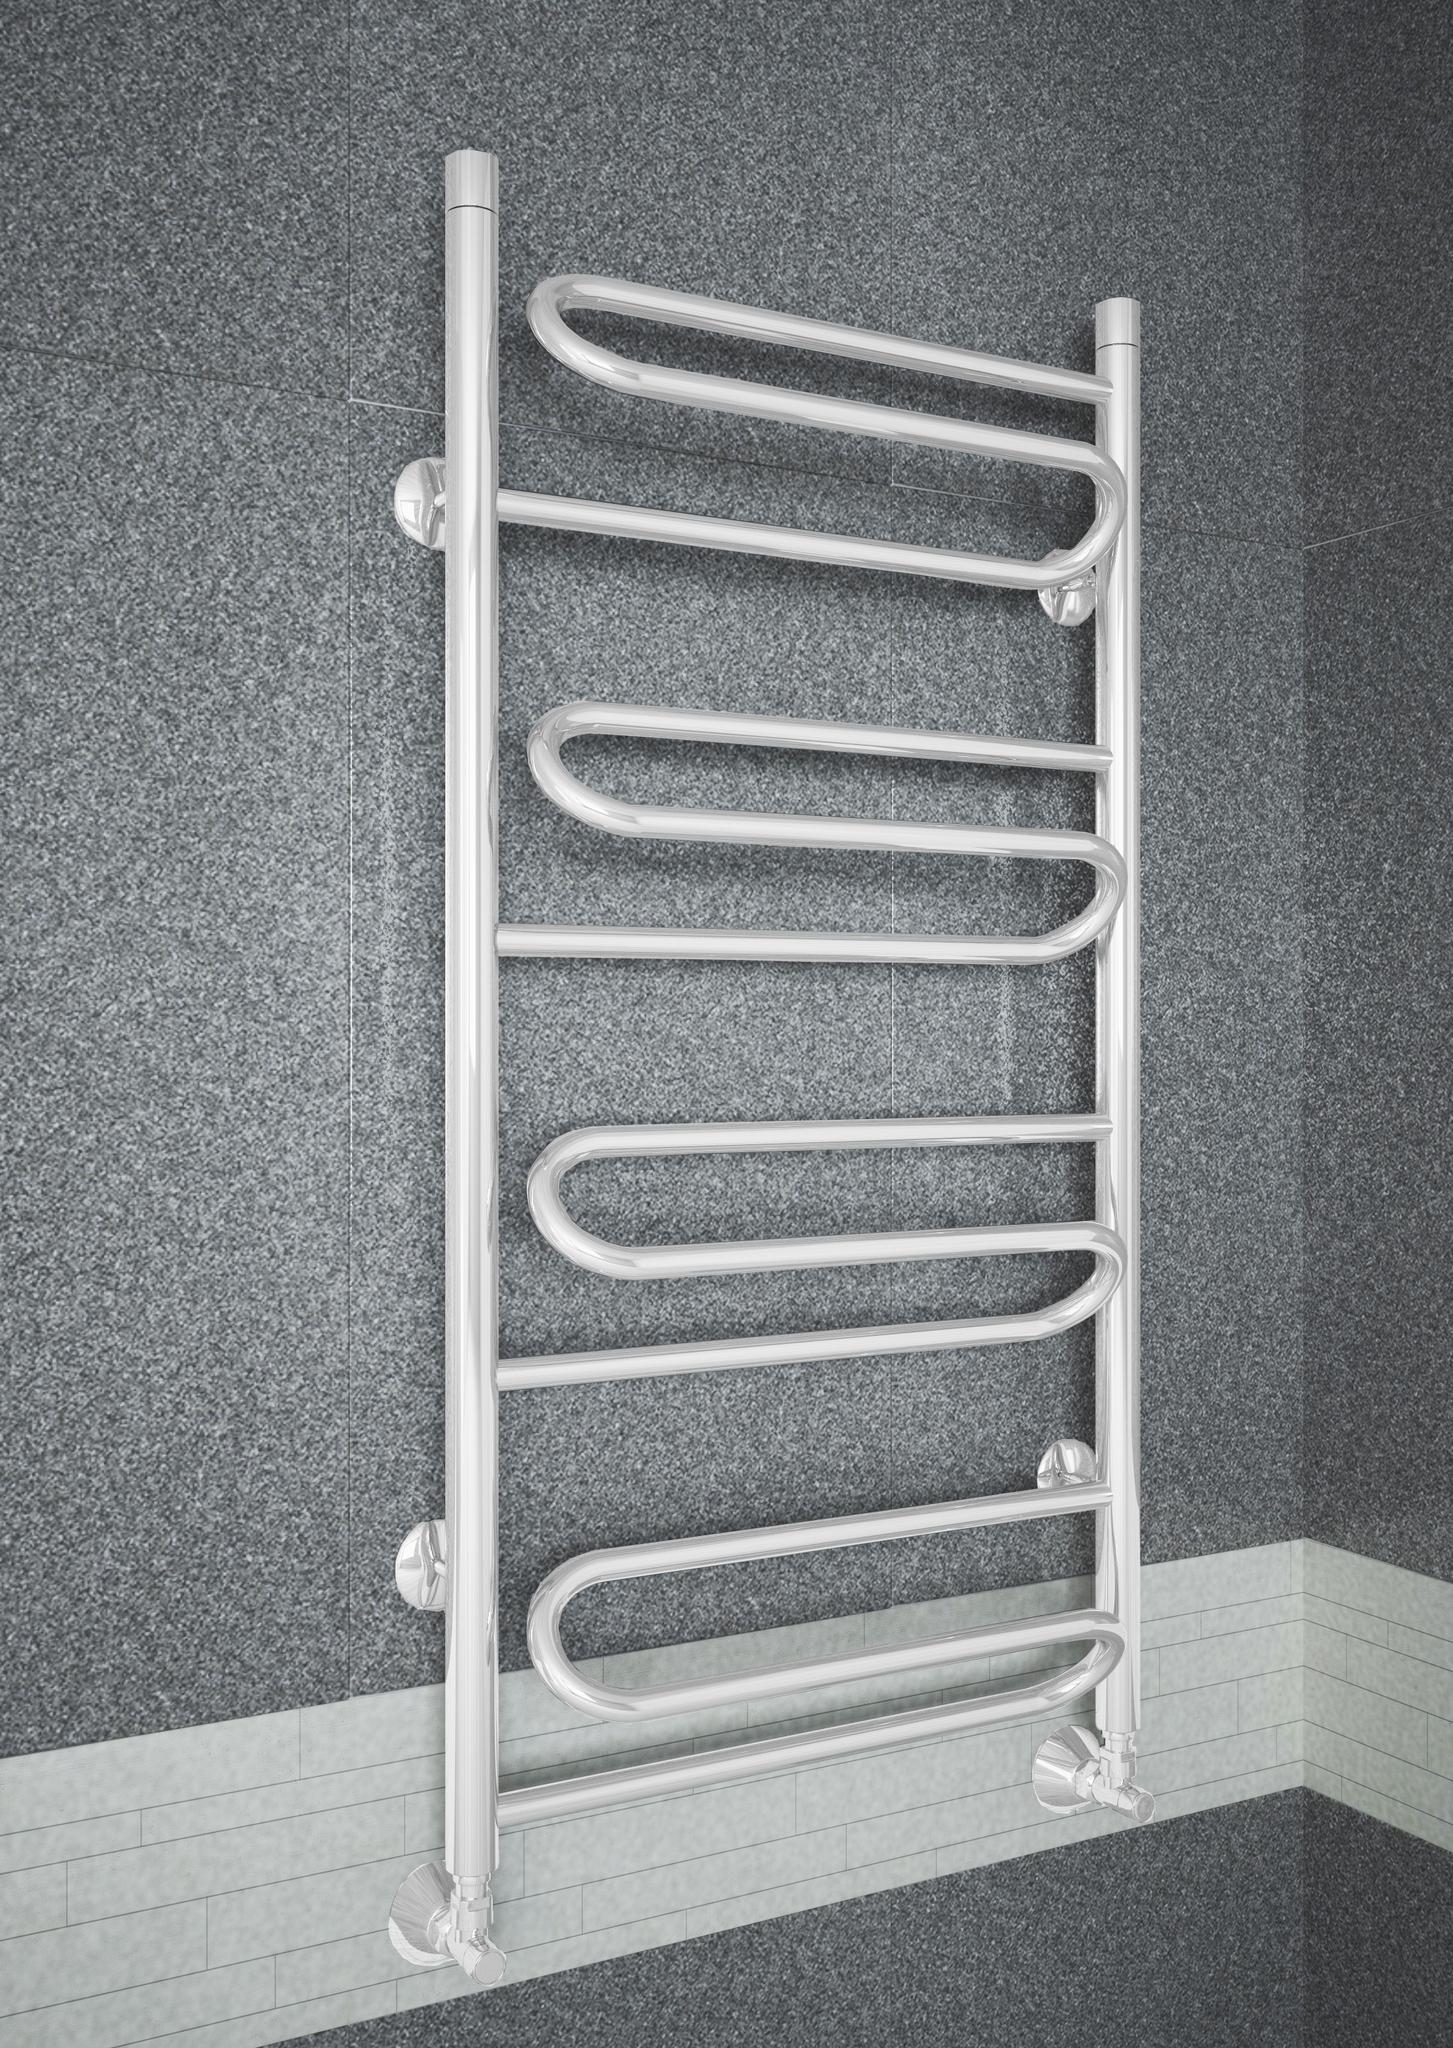 Upiter E - электрический полотенцесушитель с увеличенным пространством для сушки белого цвета.